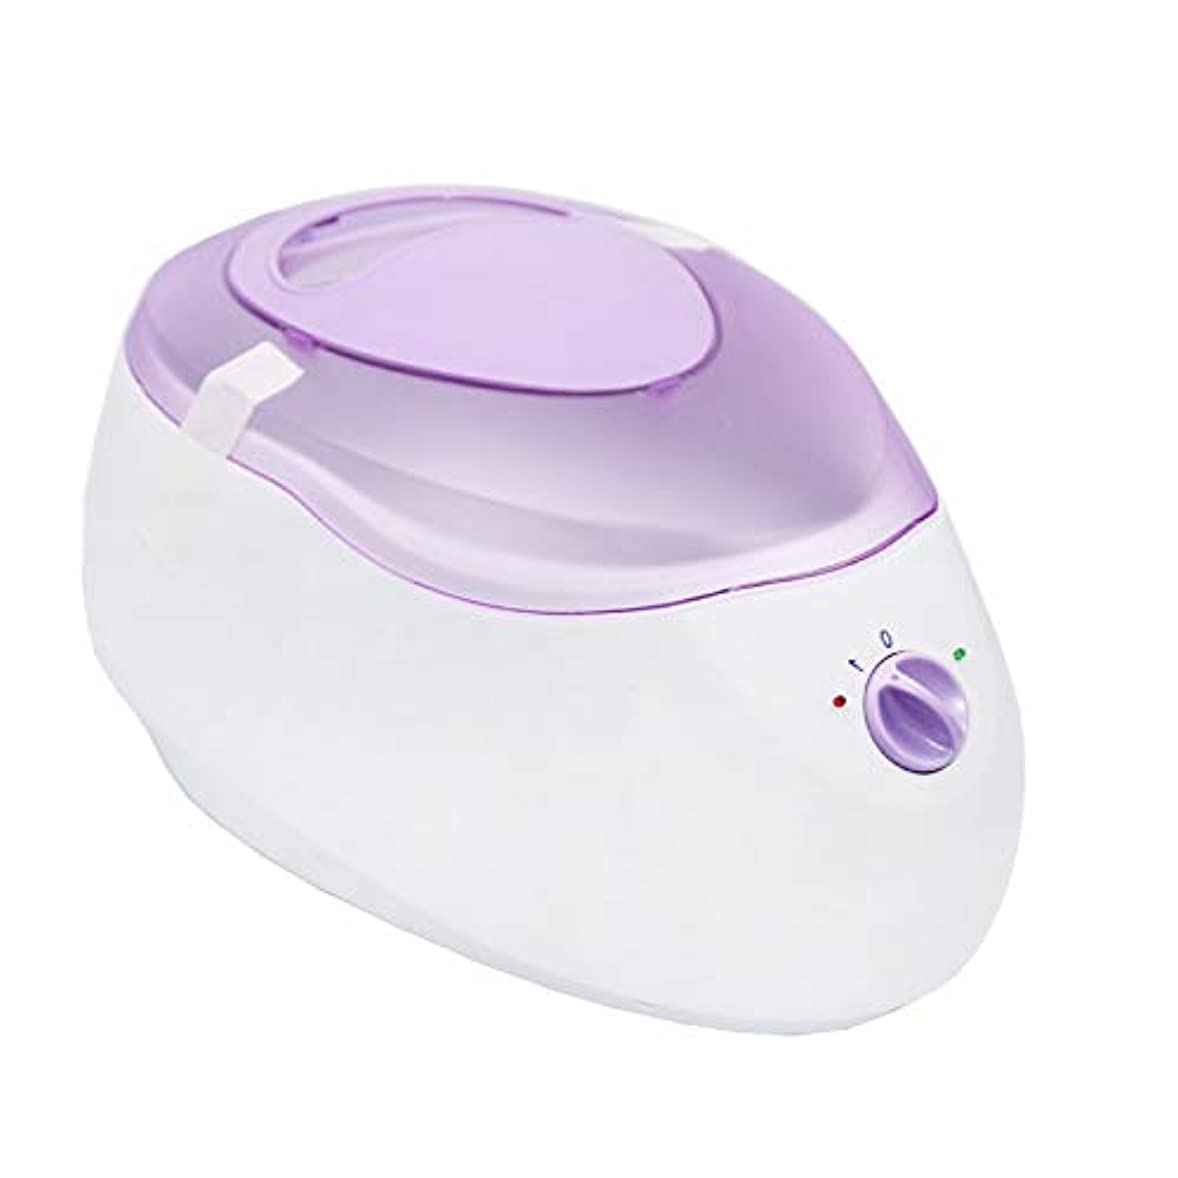 音楽一貫性のないスマッシュすべてのワックスタイプのための専門の電気ワックスヒーター、ワックスメルター可変温度とウォーマーと内蔵サーモ安全制御脱毛脱毛のために (Color : Purple)